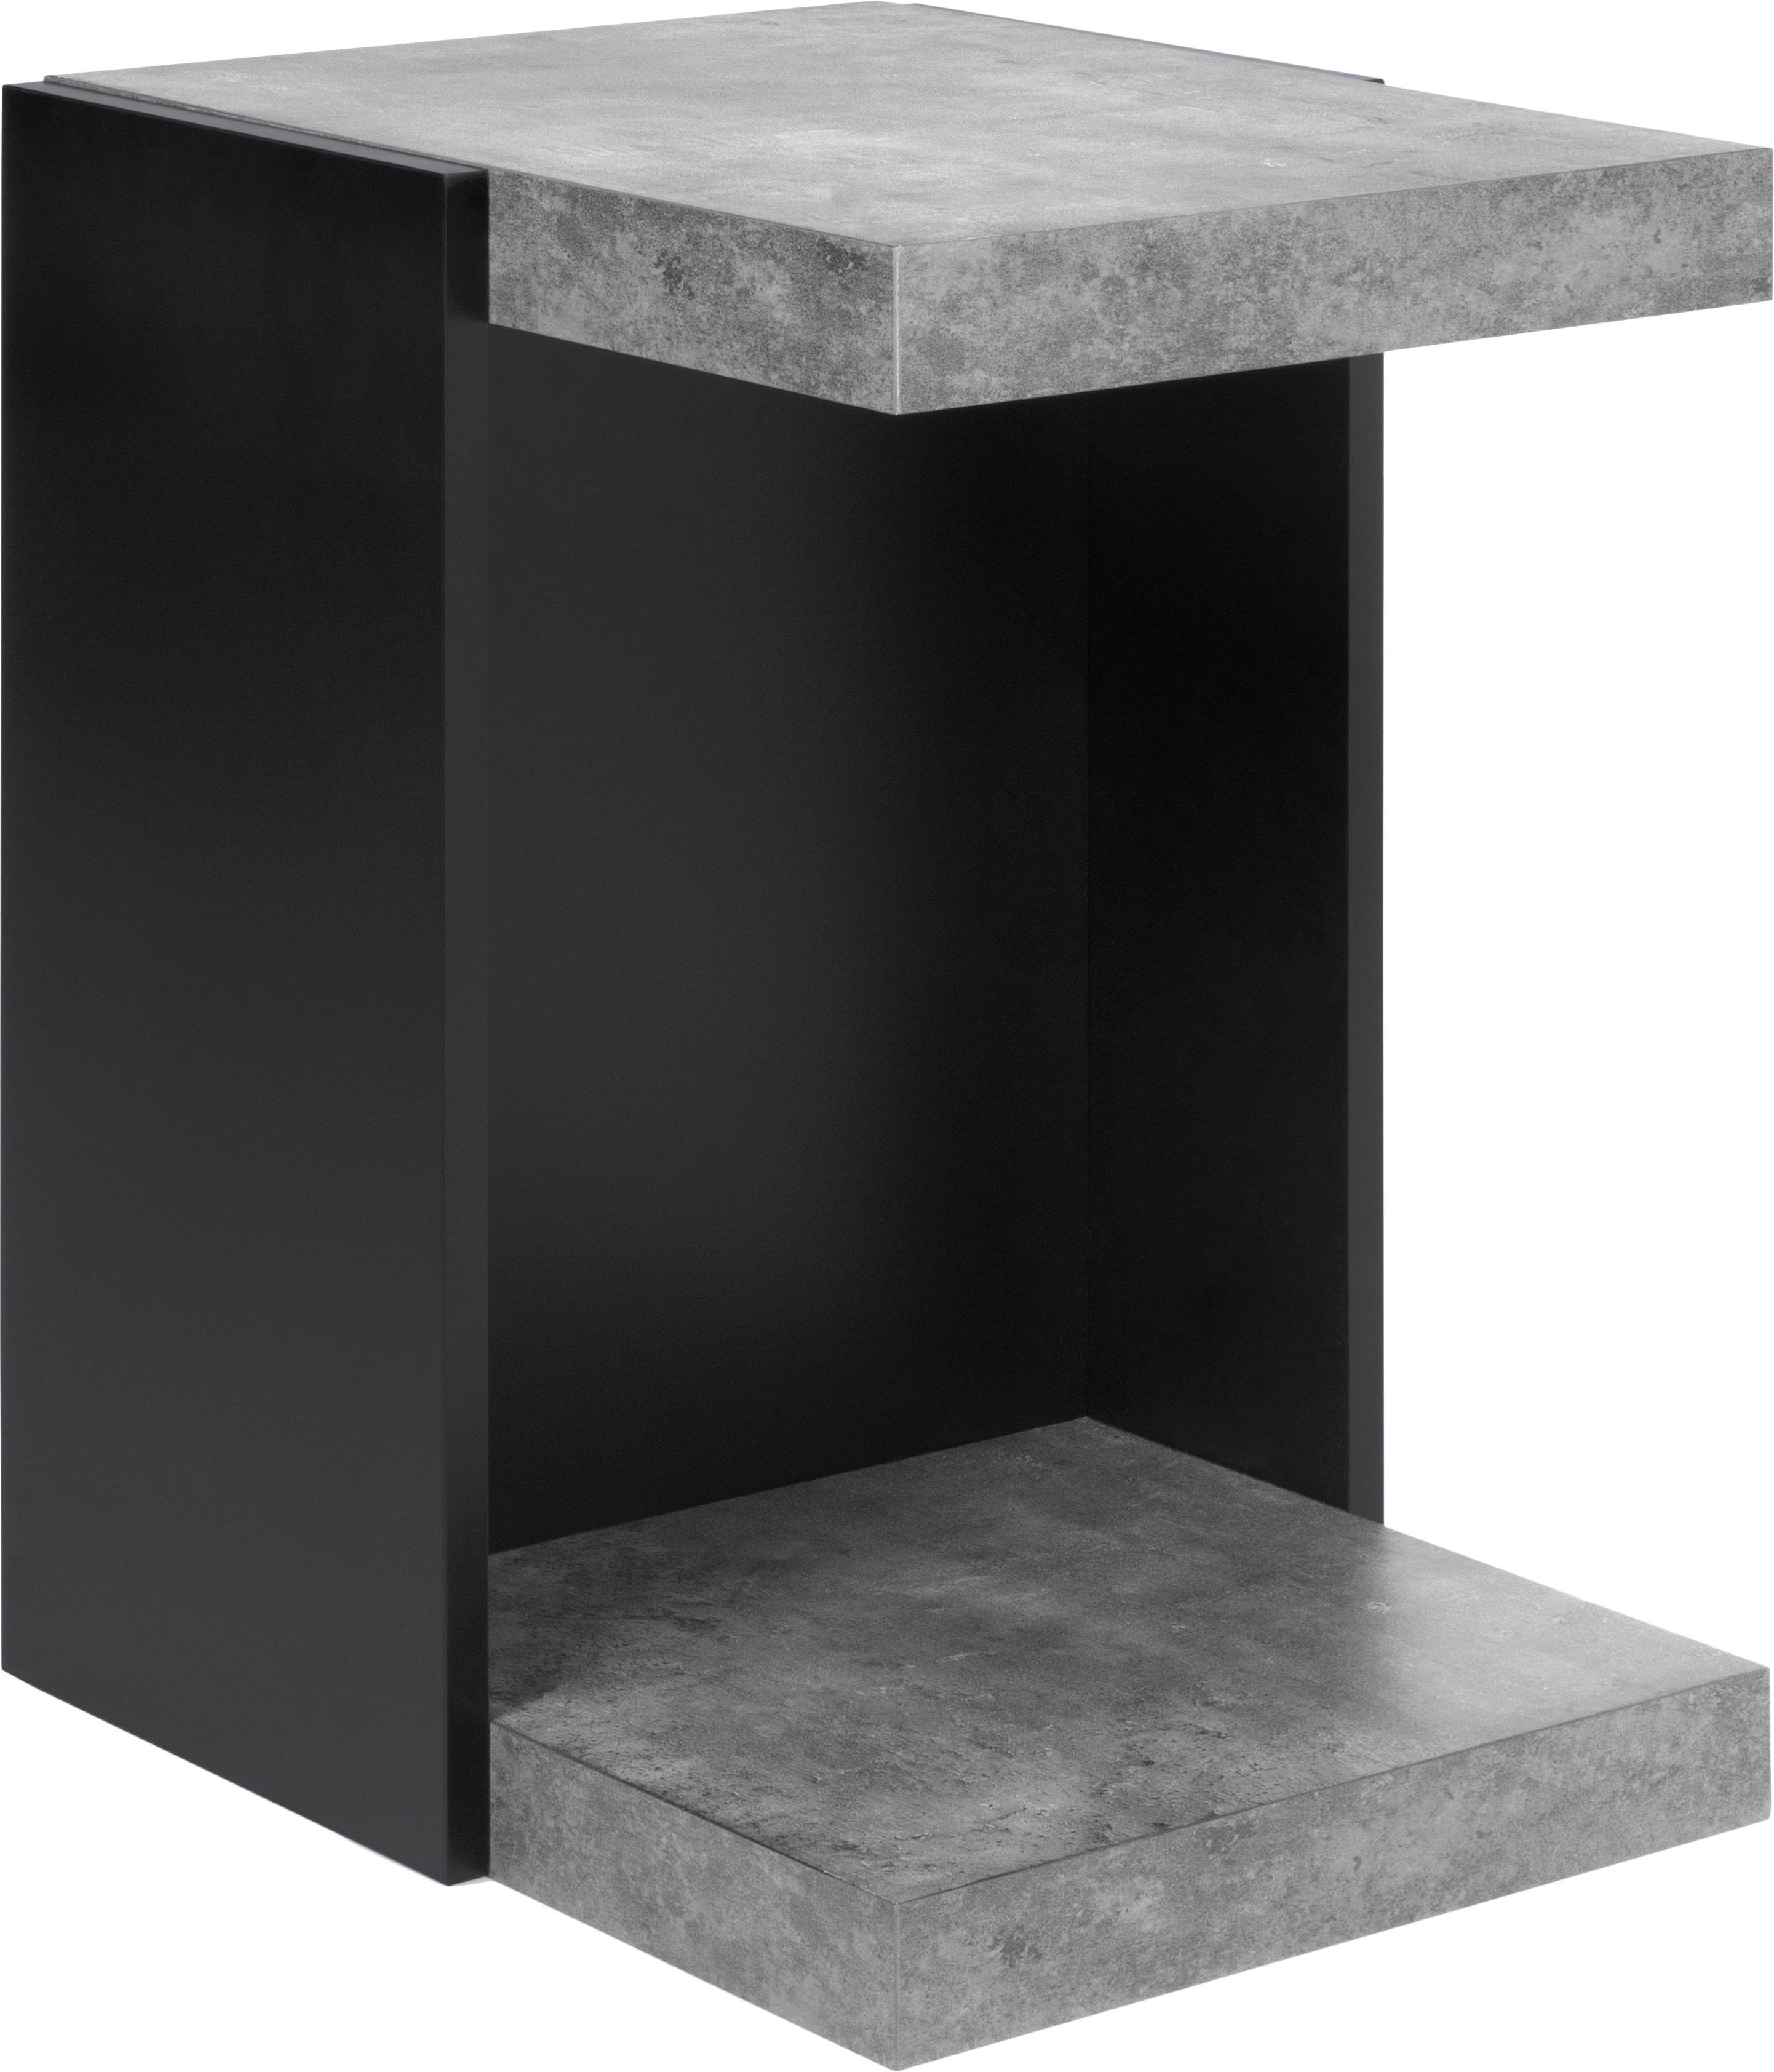 Tavolino con piani effetto cemento Klaus, Struttura: Truciolato in leggera str, Scaffali: Pannello di fibra a media, Effetto cemento, Larg. 38 x Alt. 55 cm